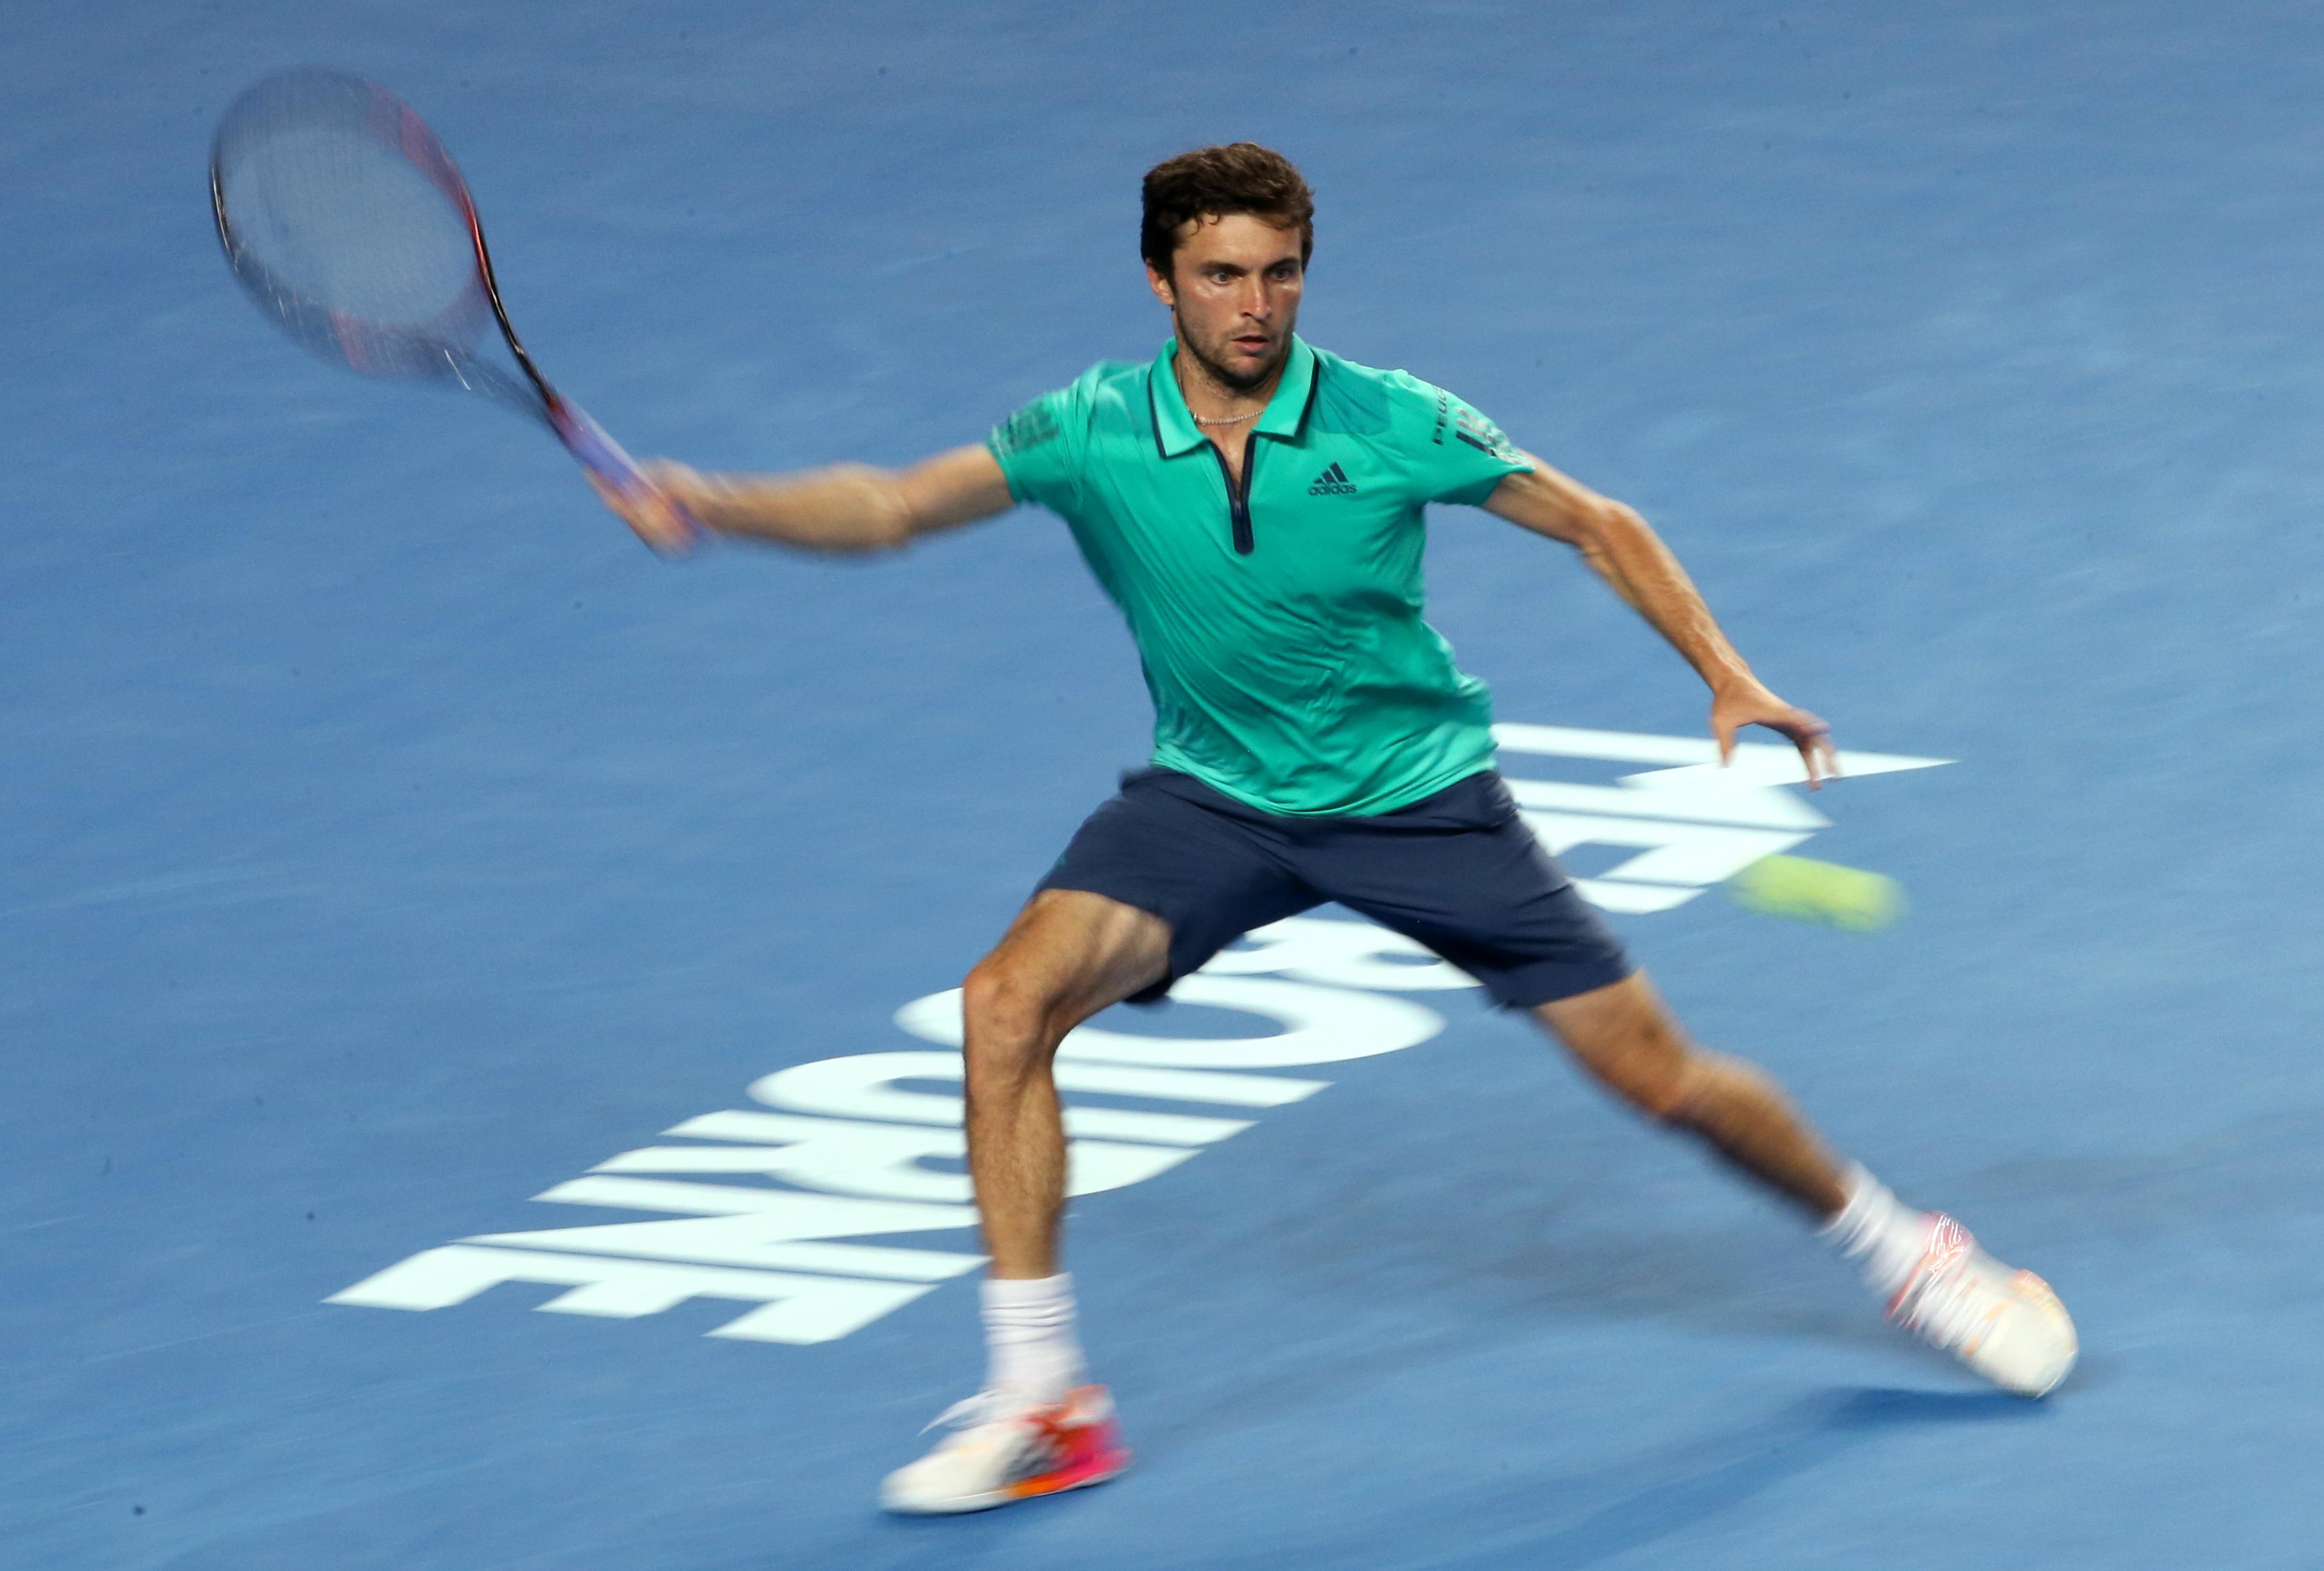 australian_open_tennis-bff226e541844d8e8_r1974.jpeg